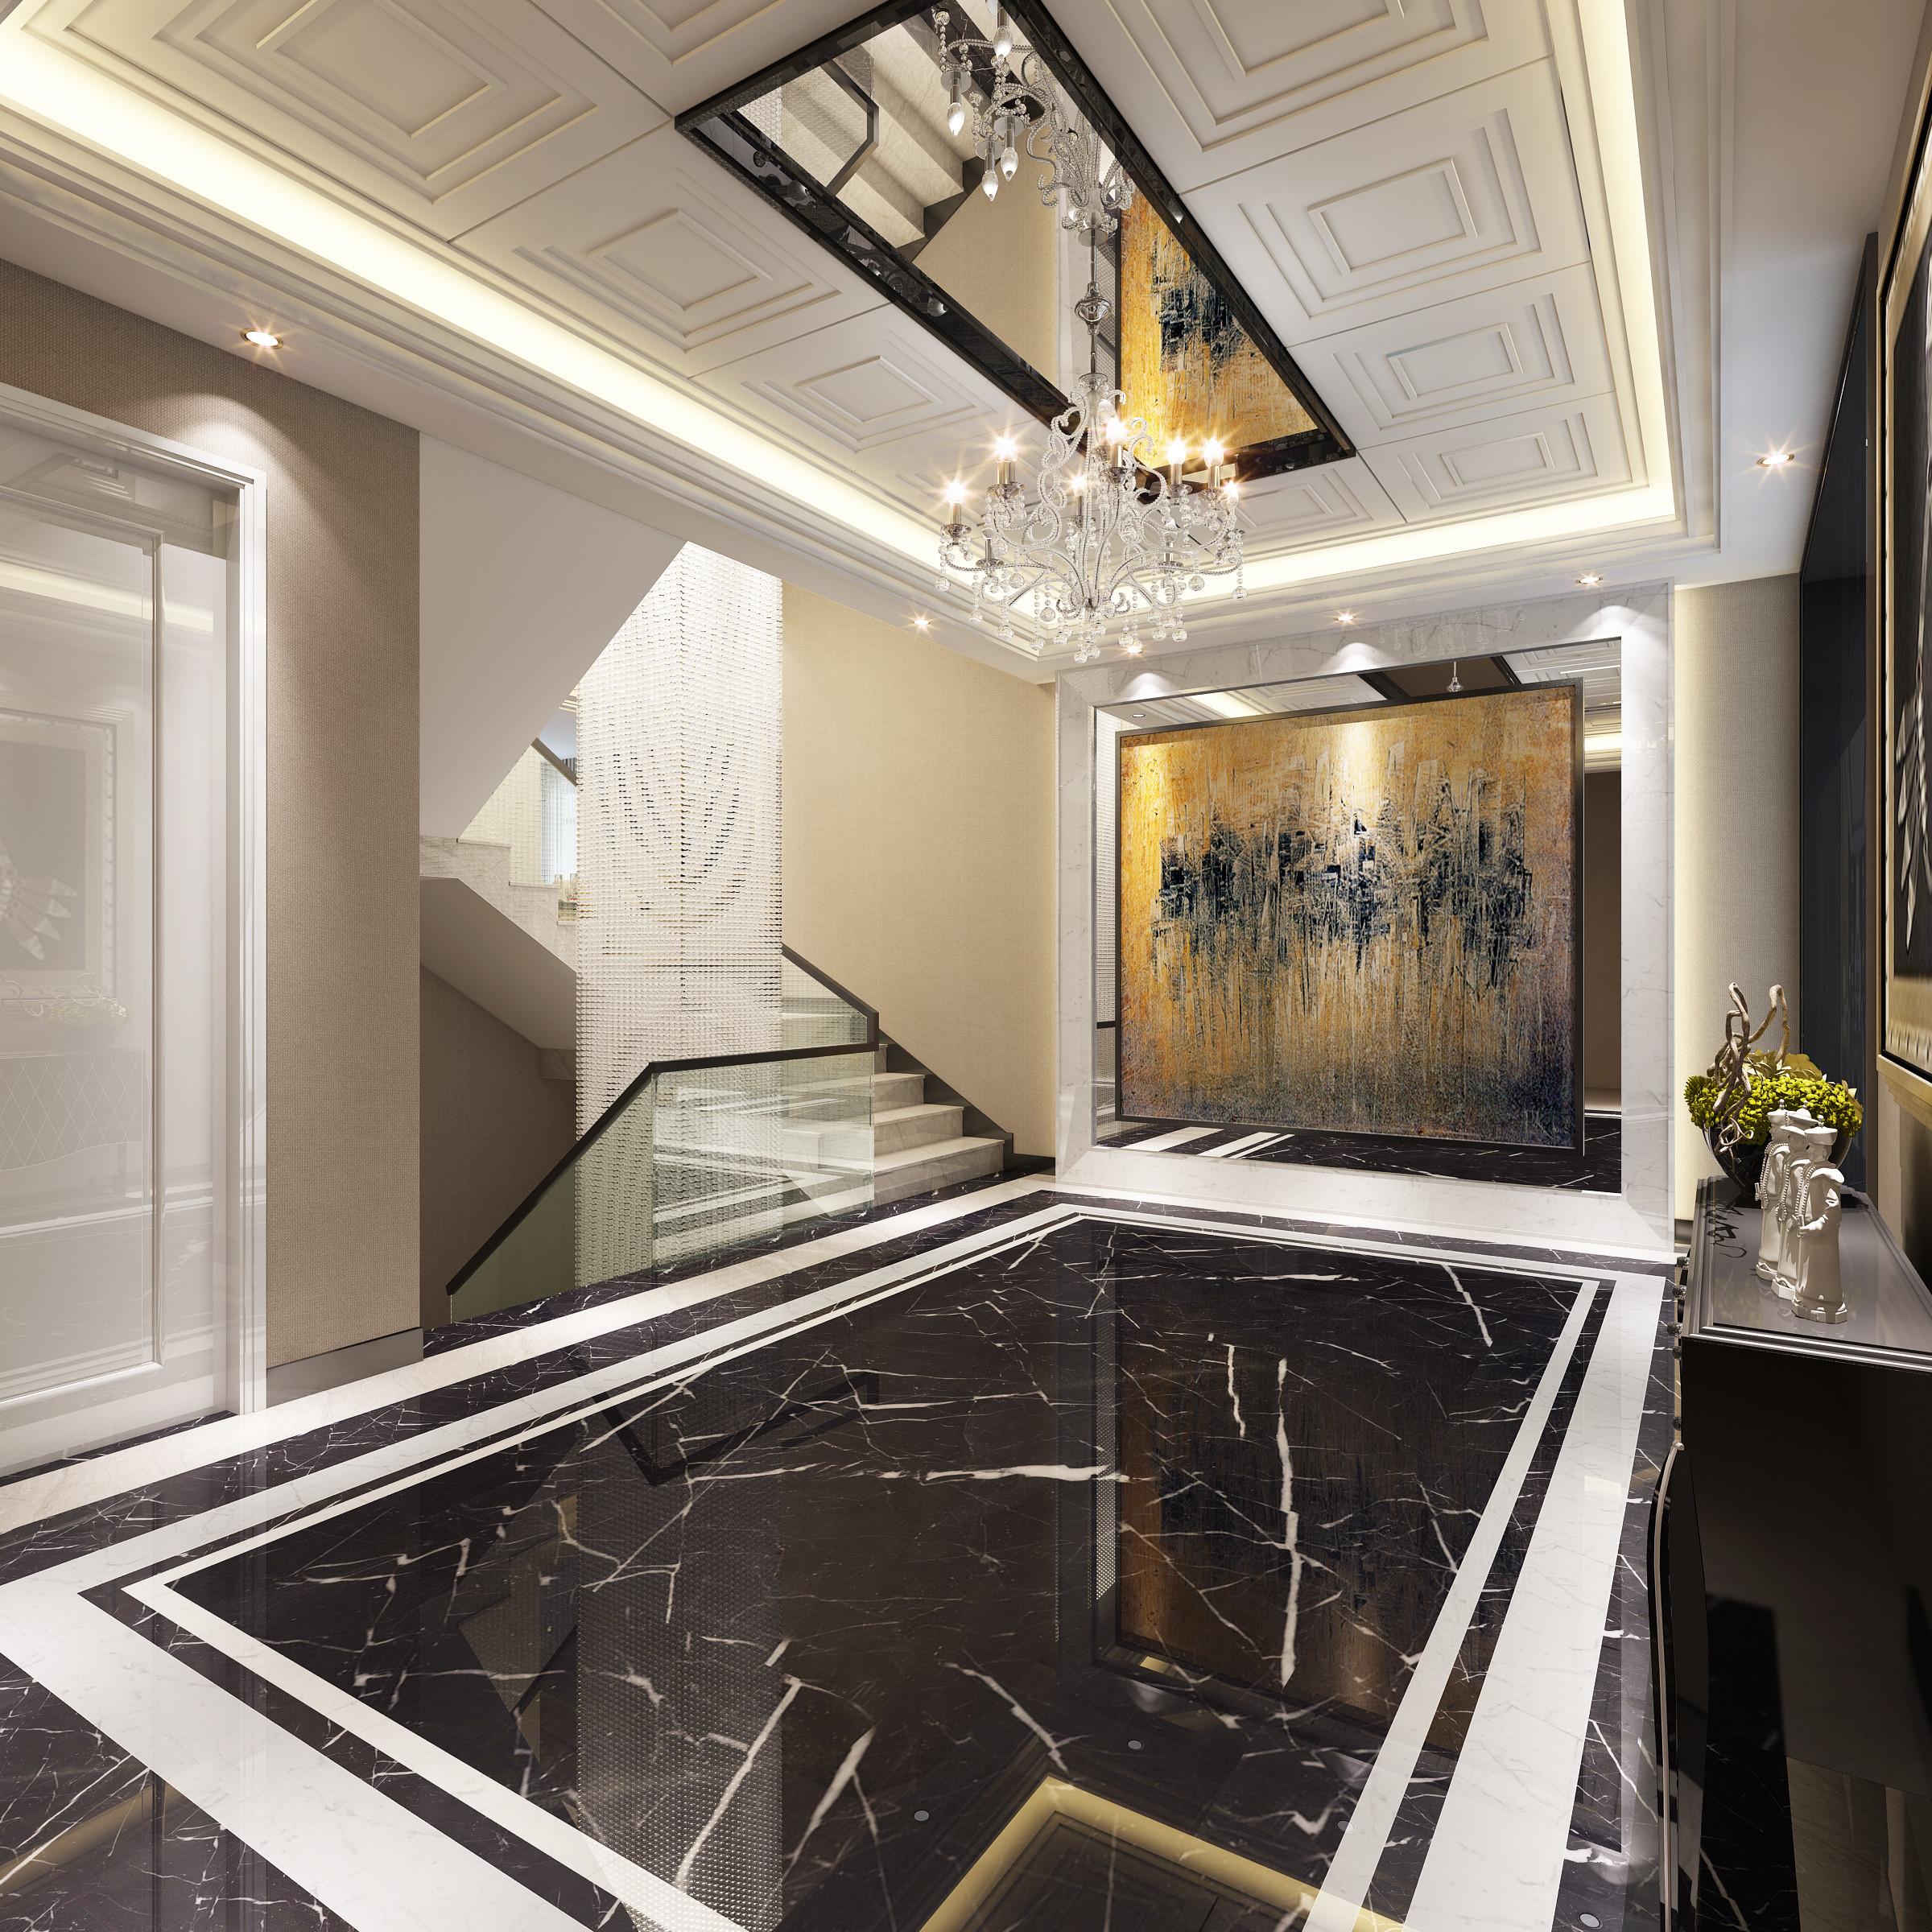 观庭别墅 别墅装修 美式风格 腾龙设计 楼梯图片来自腾龙设计在观庭别墅项目装修美式风格设计的分享